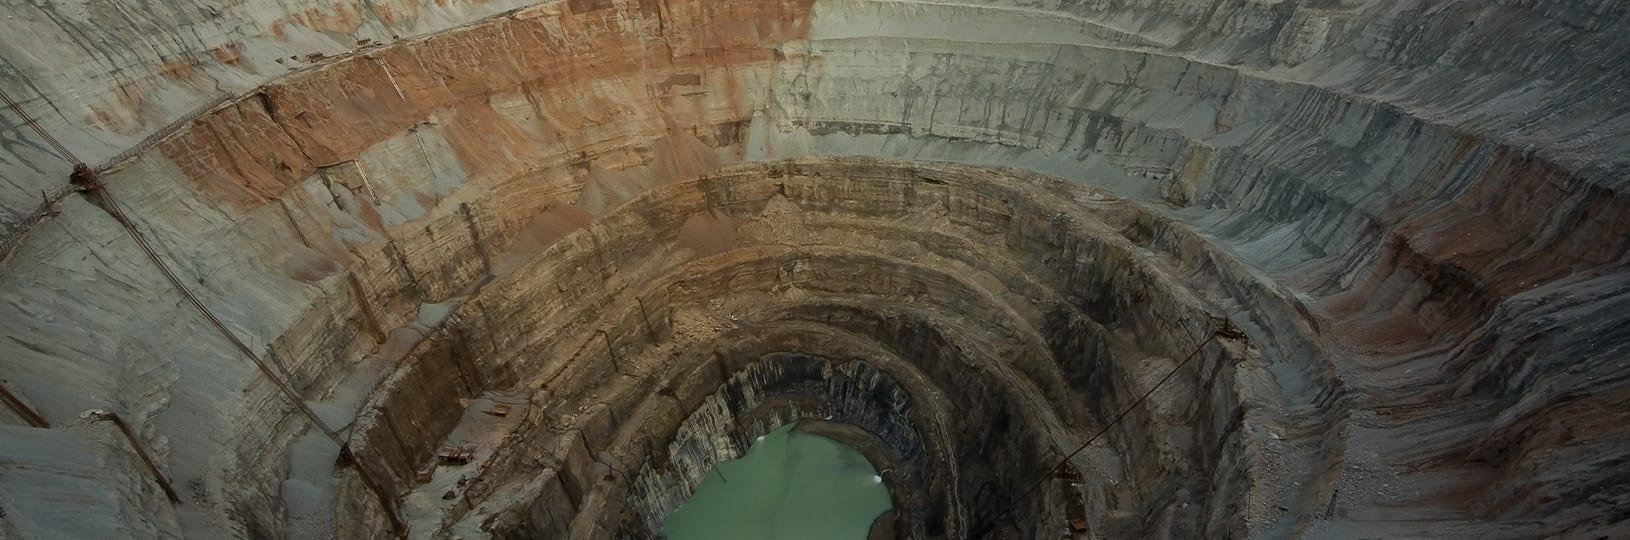 Aerial image of a diamond mine